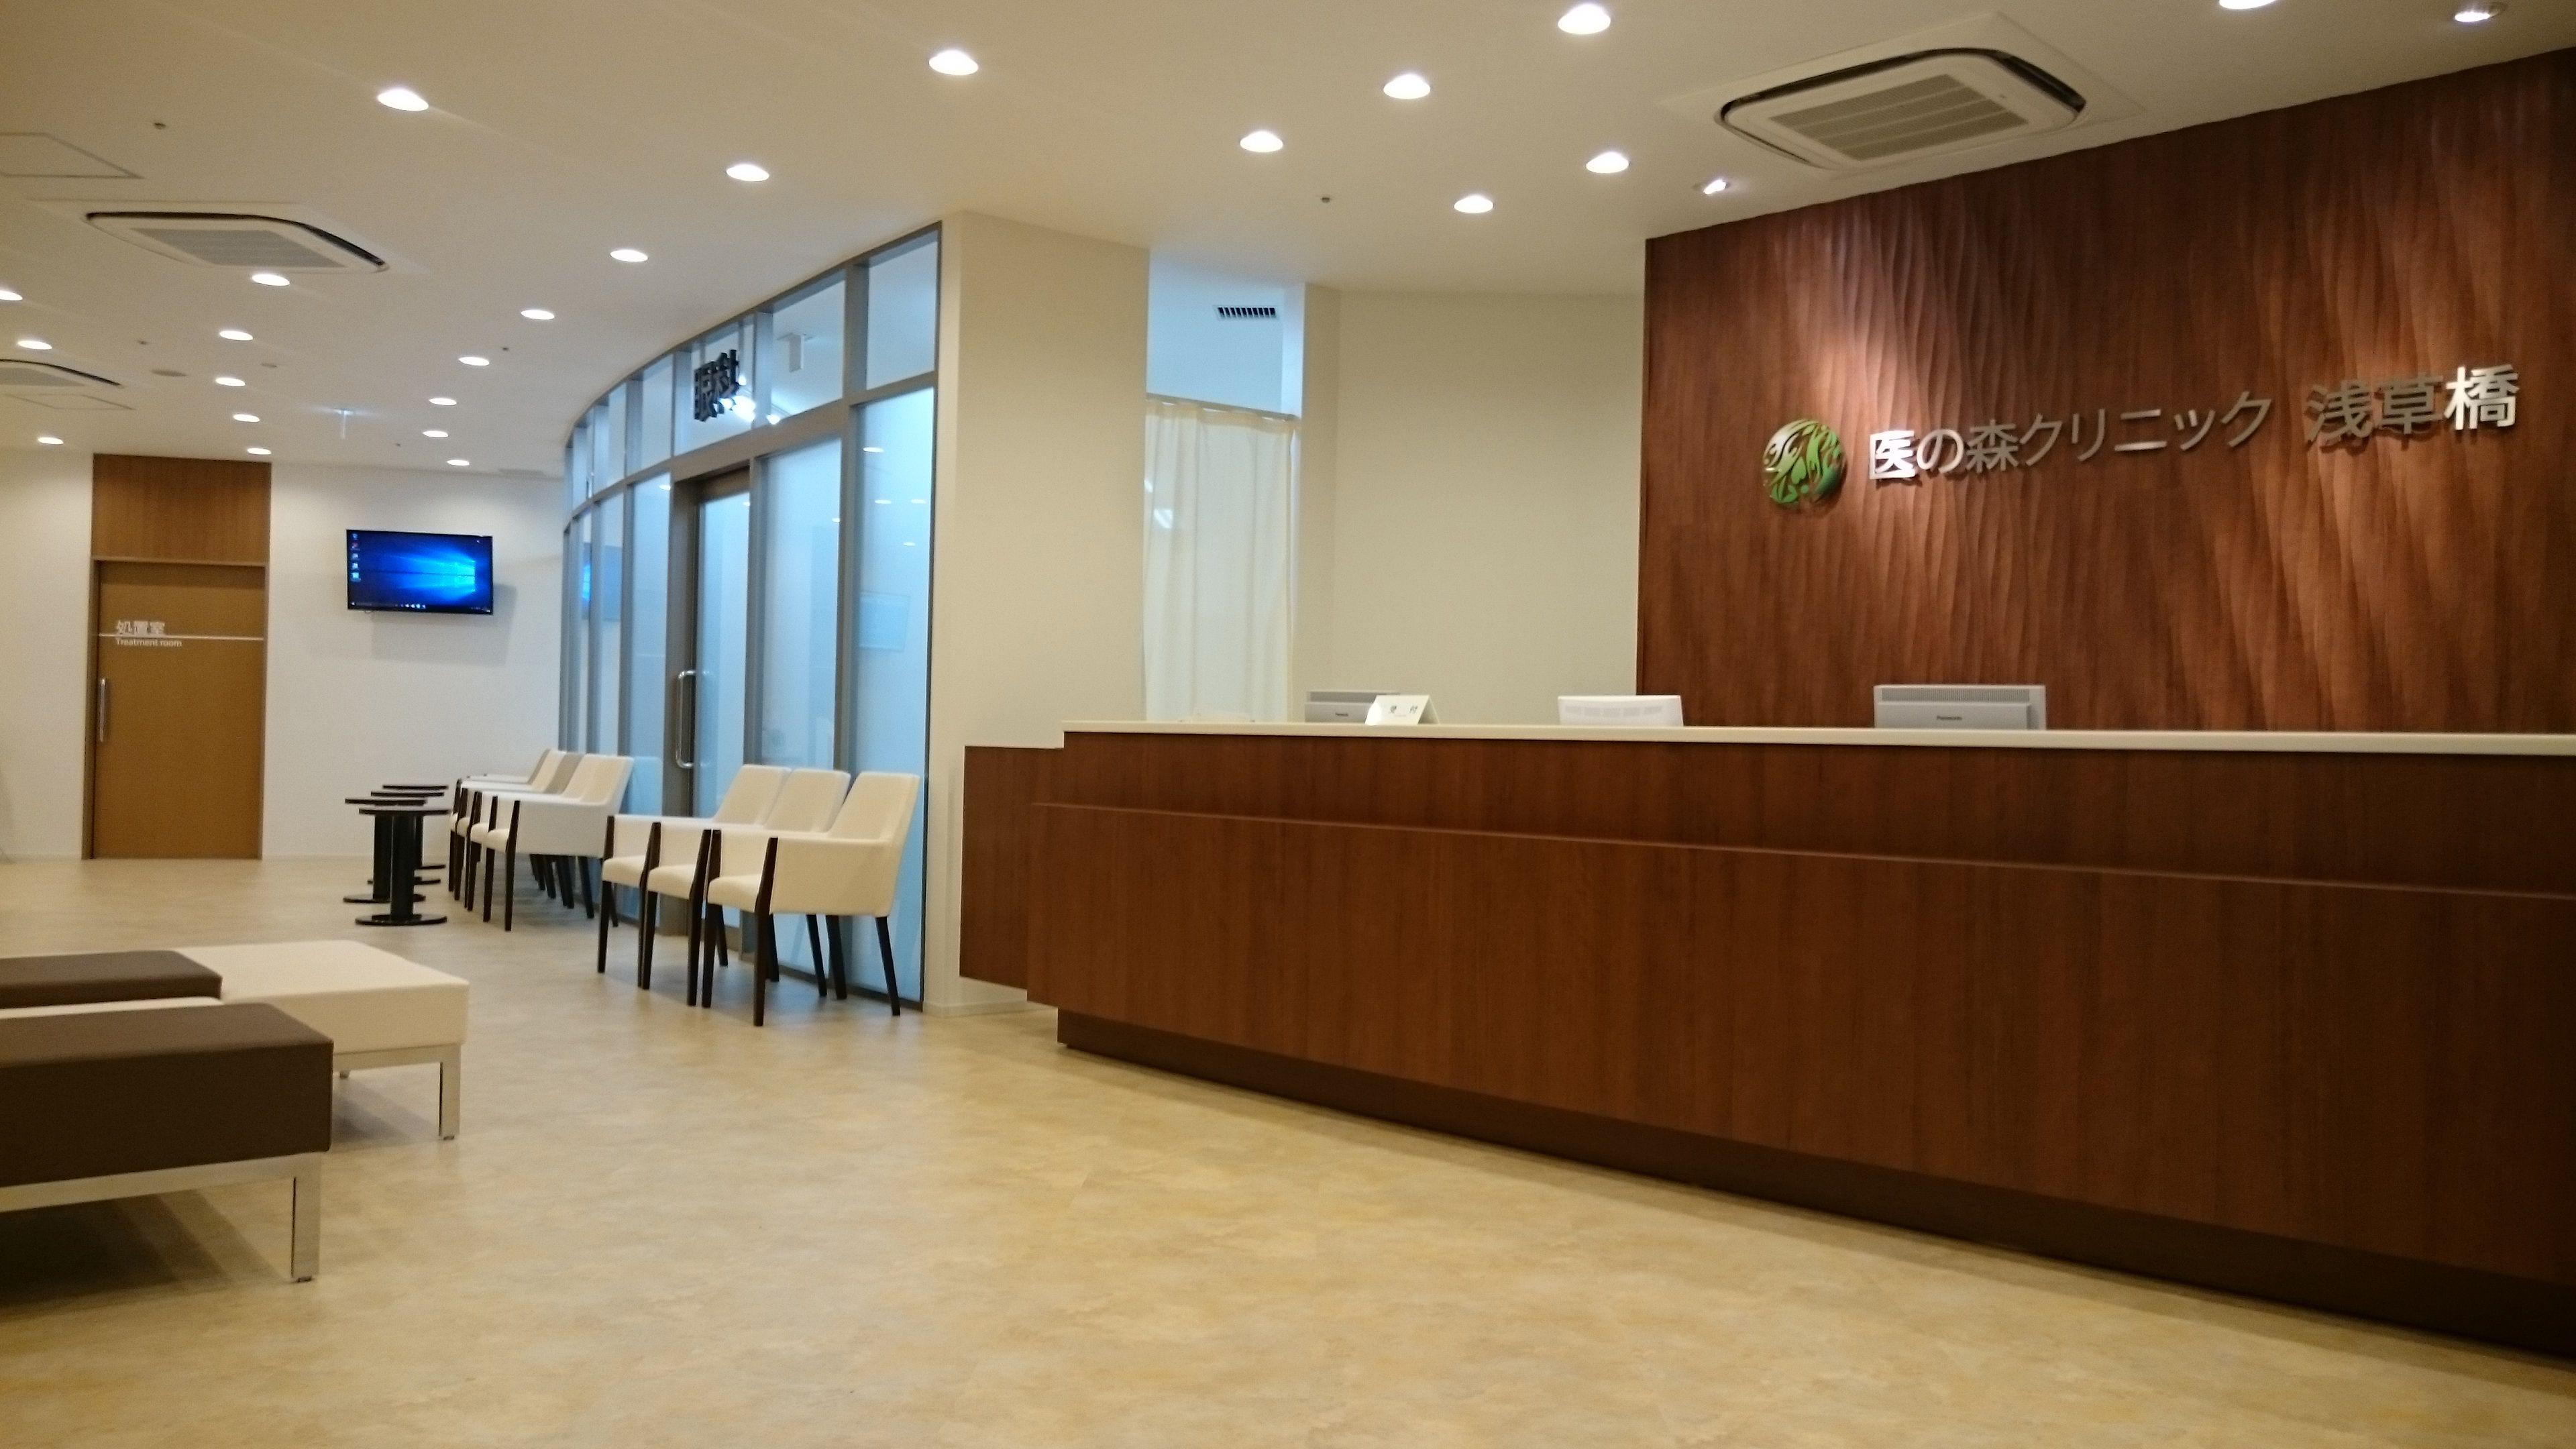 スマートメディカルが企画・開発した「医の森クリニック浅草橋」が開業 ‐ 駅+医療 PCC が日本の医療を変える -